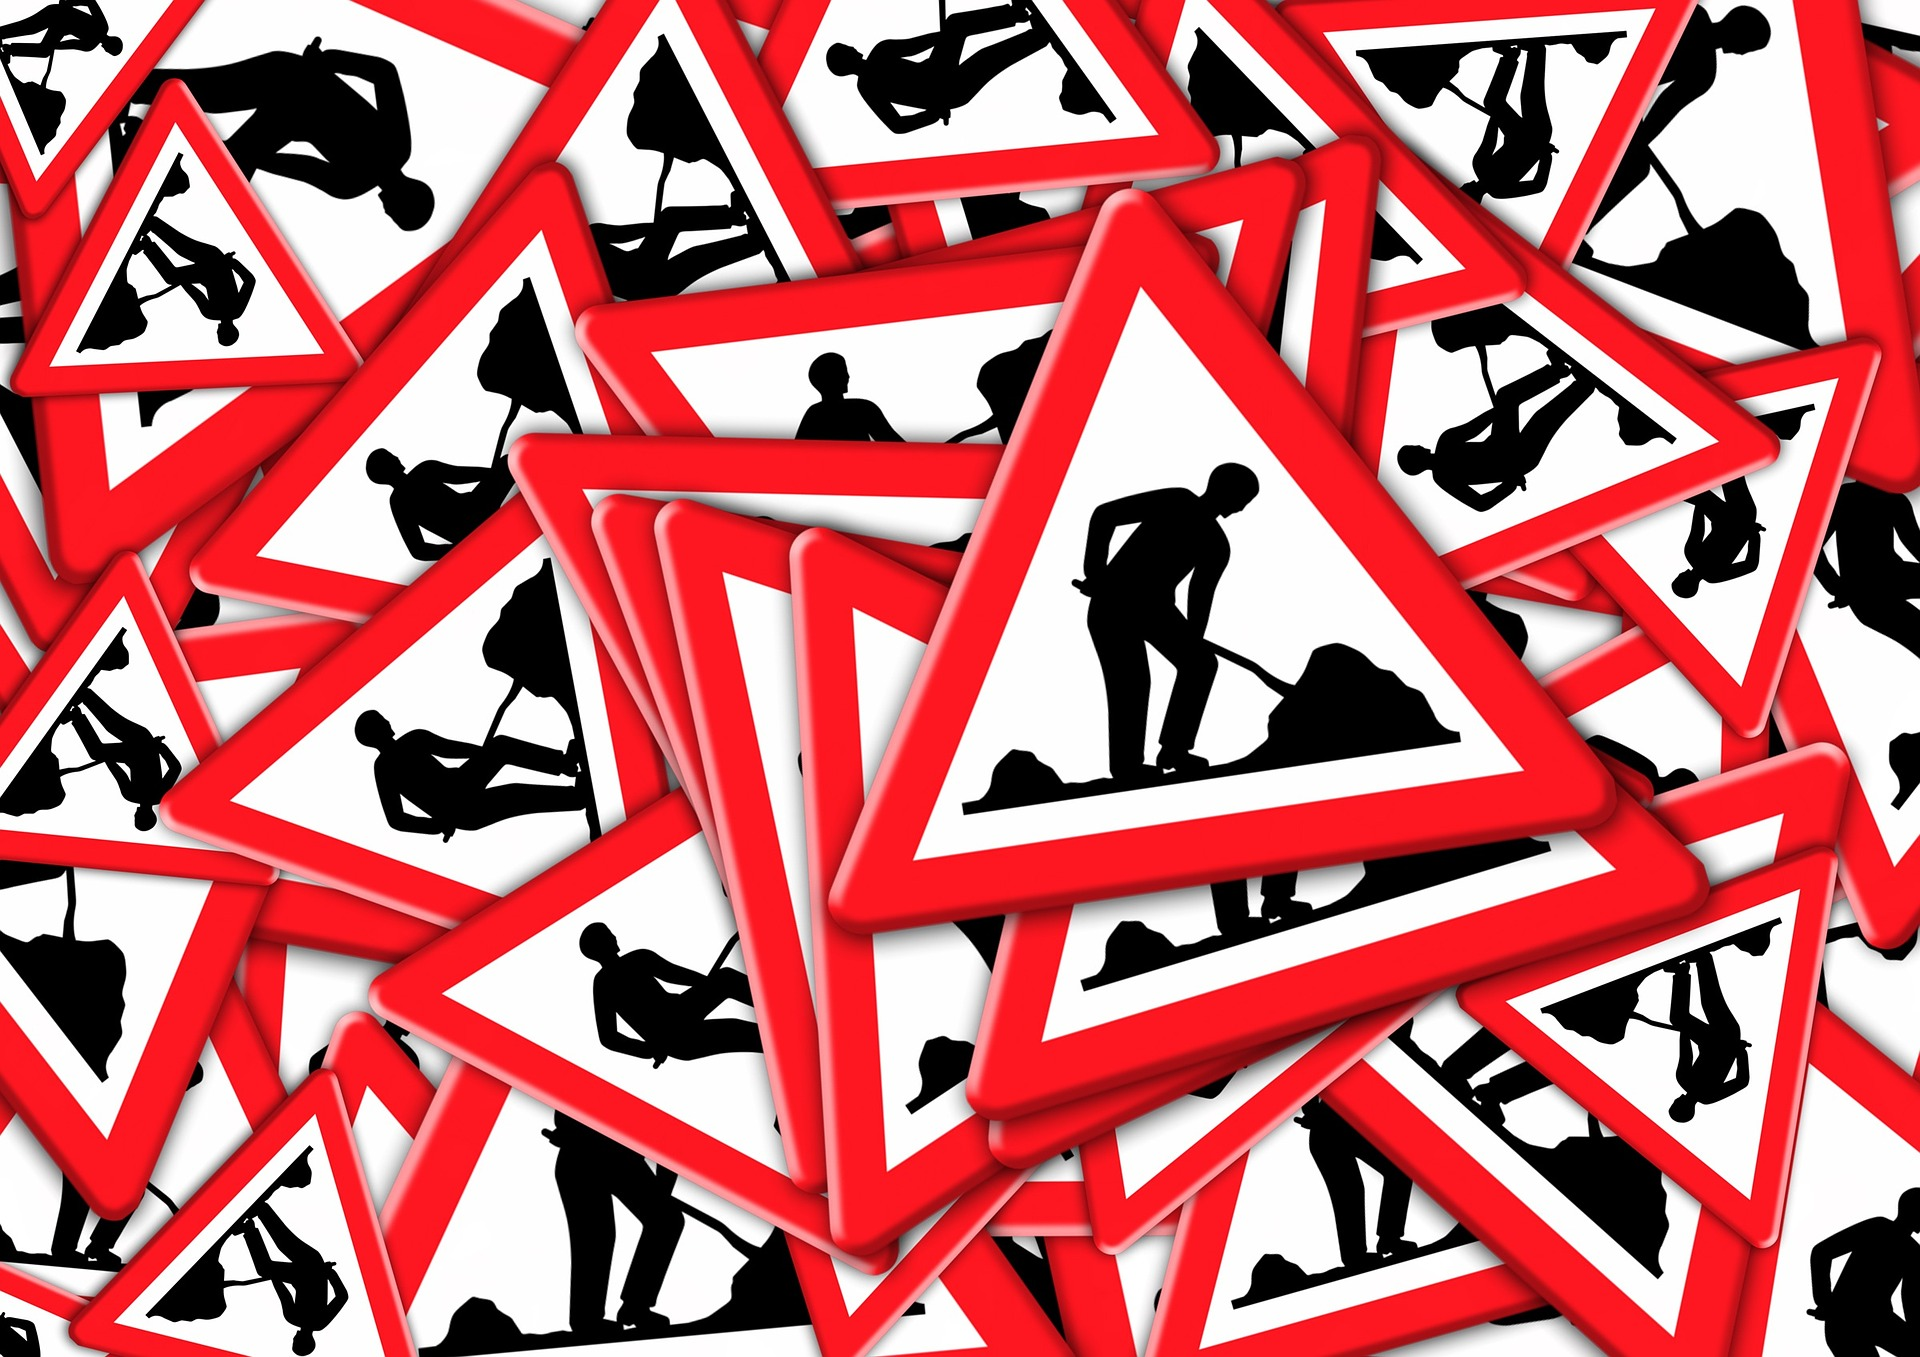 Práce na silnici a dopravní komplikace (ilustrační foto)